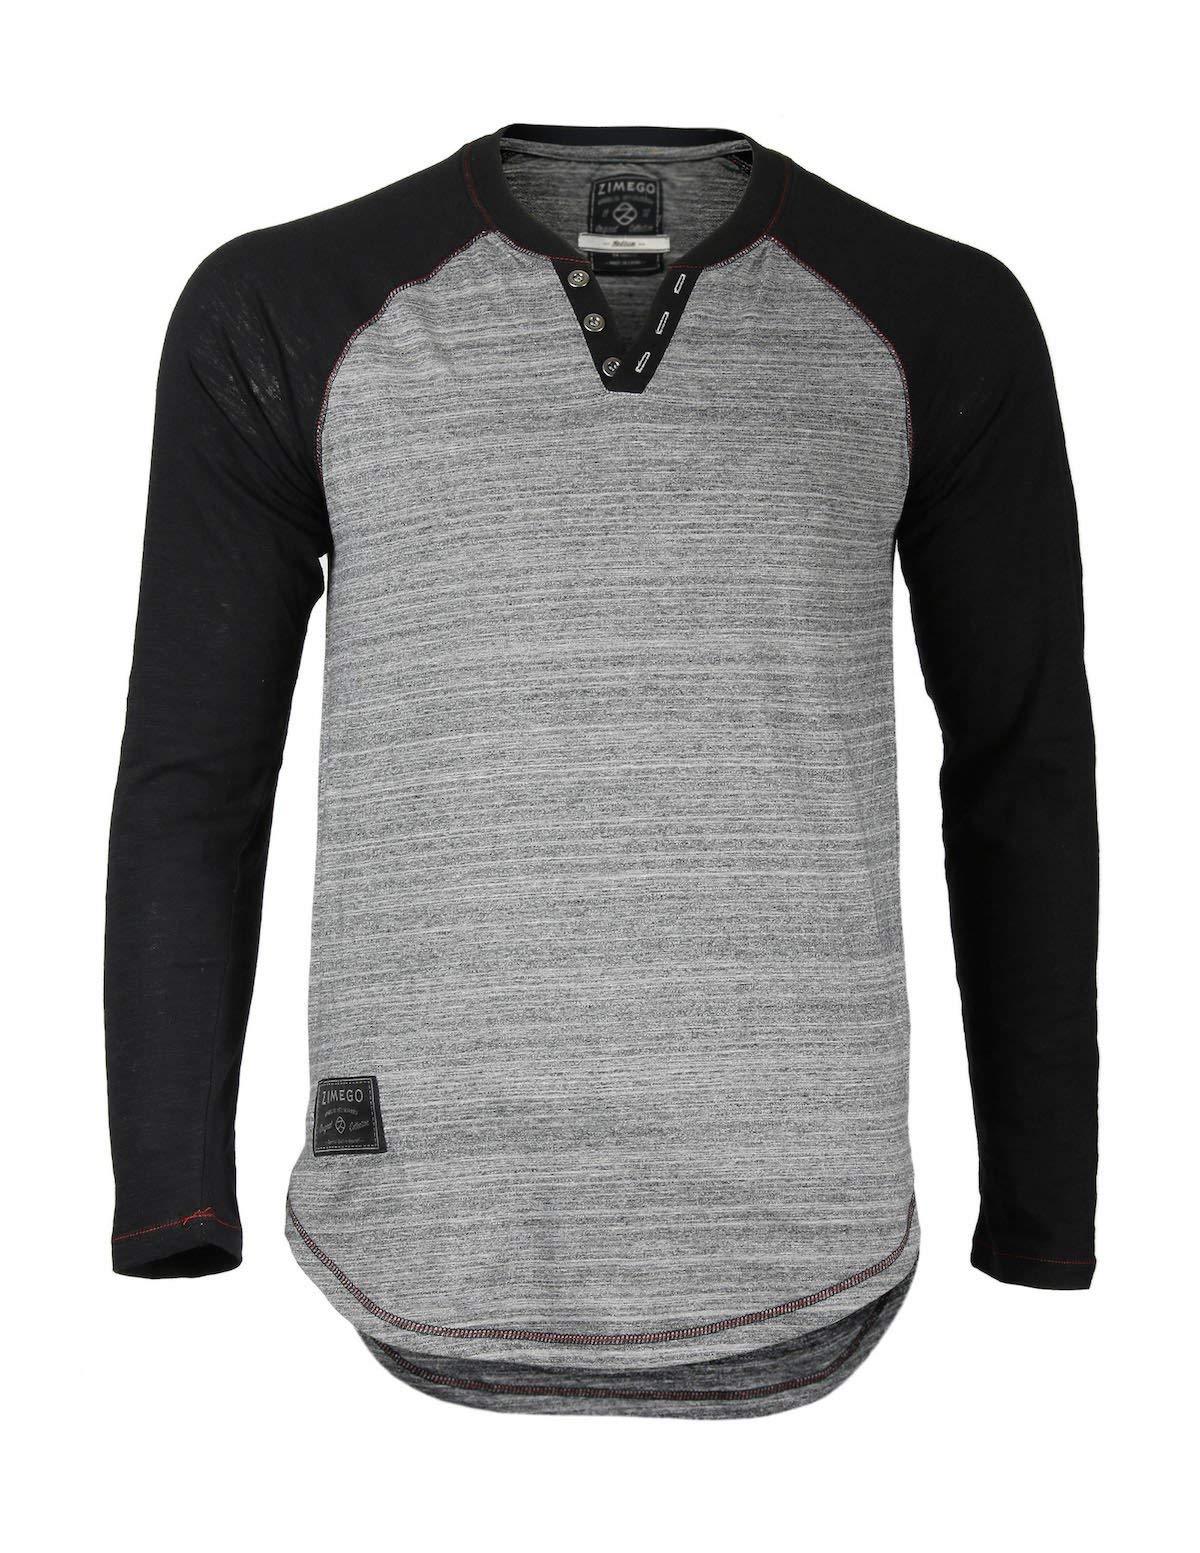 ZIMEGO Men's Long Sleeve Color Block Raglan V Neck Henley Curved Hem Slim Shirts